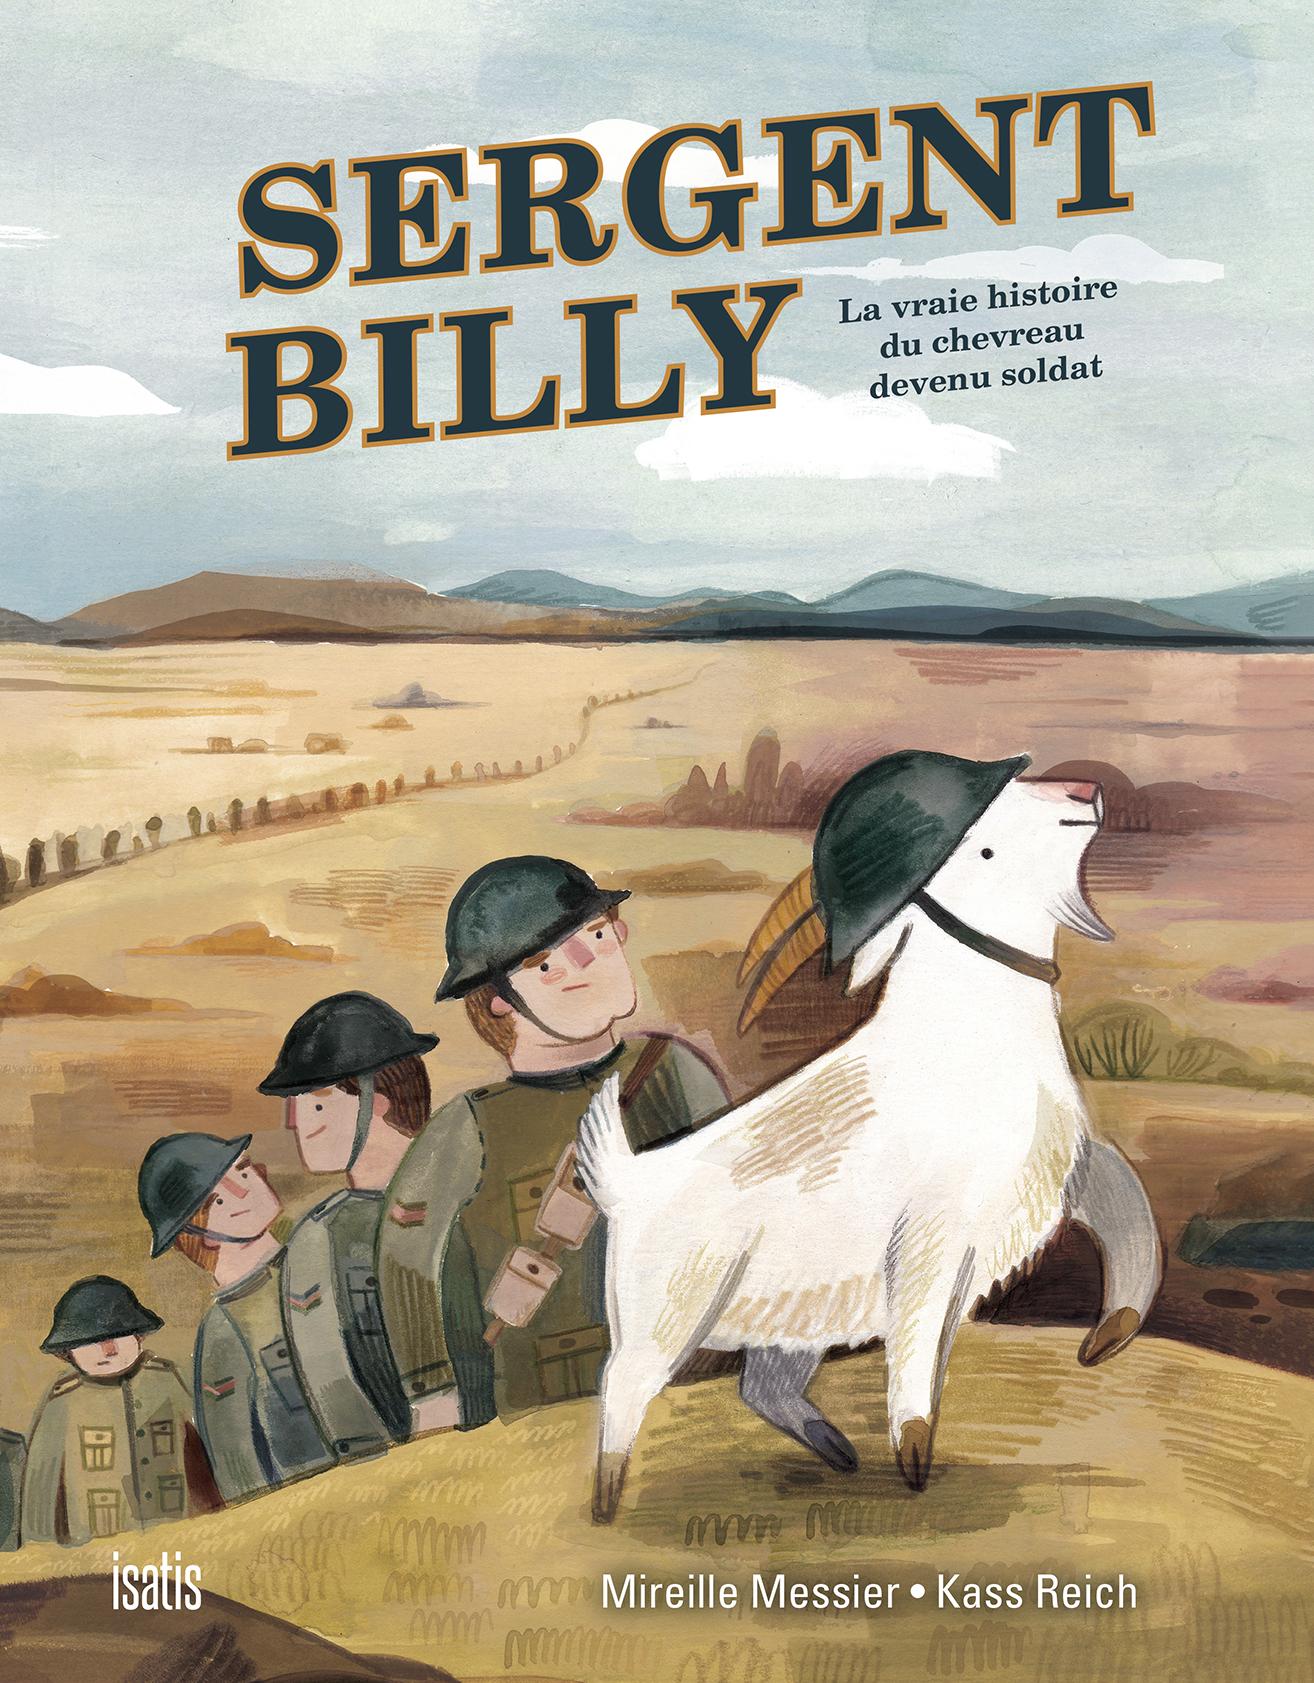 Sergent Billy - Éditions de Isatis